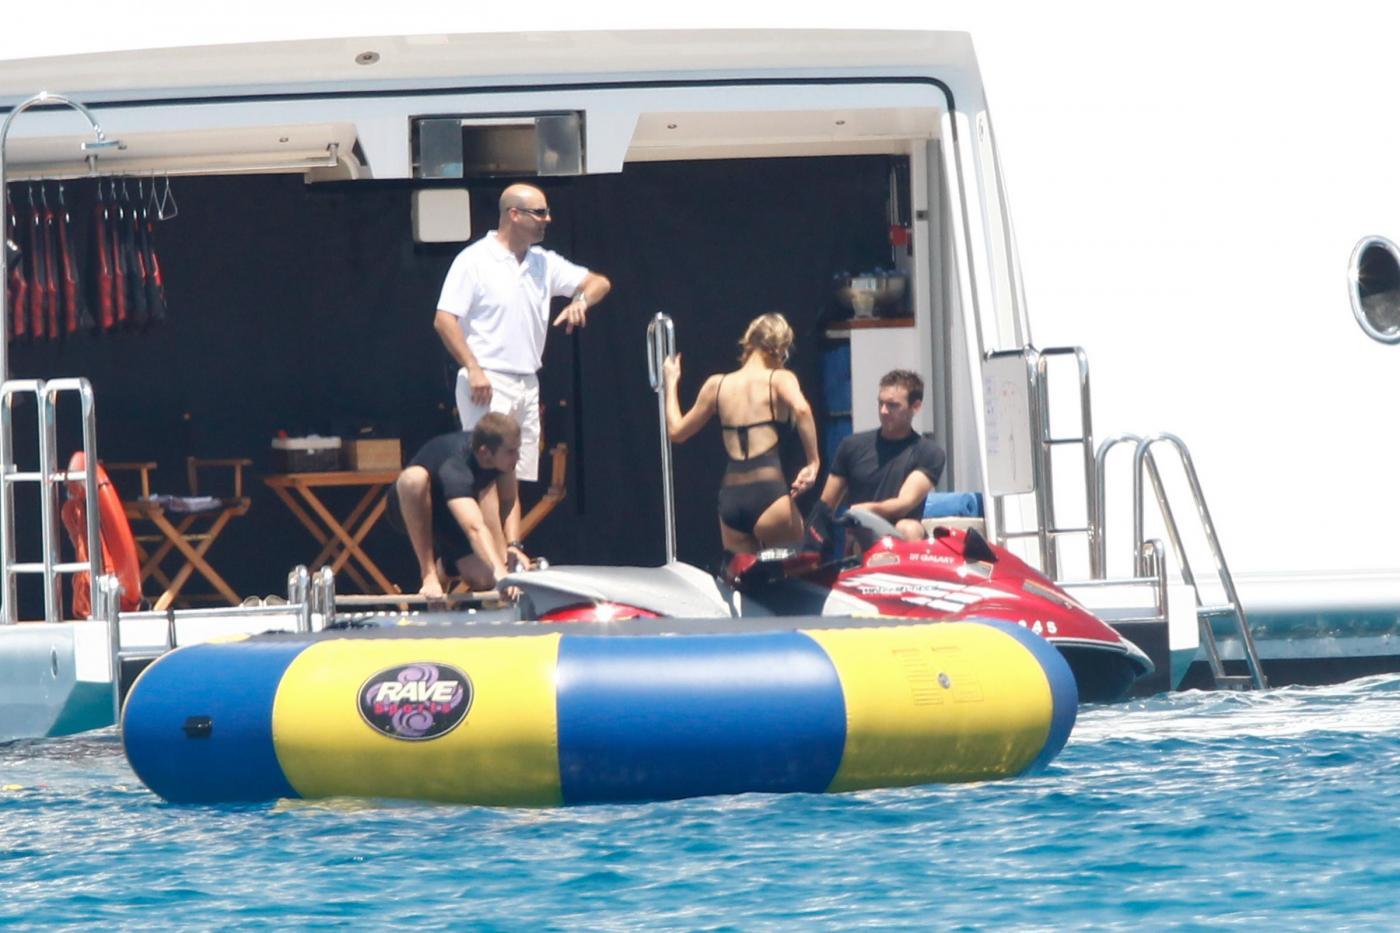 Paris Hilton e fidanzato a Formentera: sole, amore e yacht da sogno20